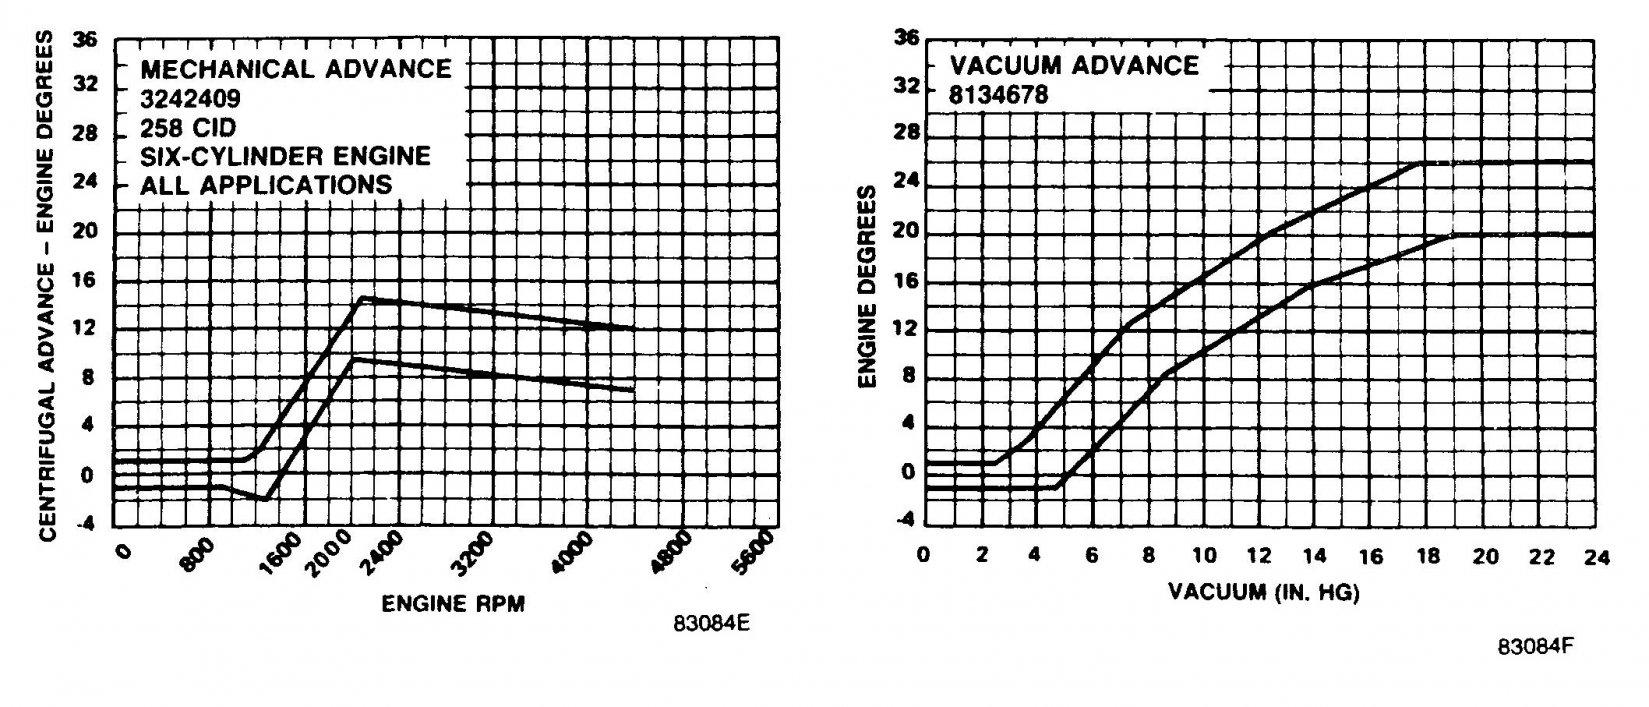 dist-advance-chart.jpg